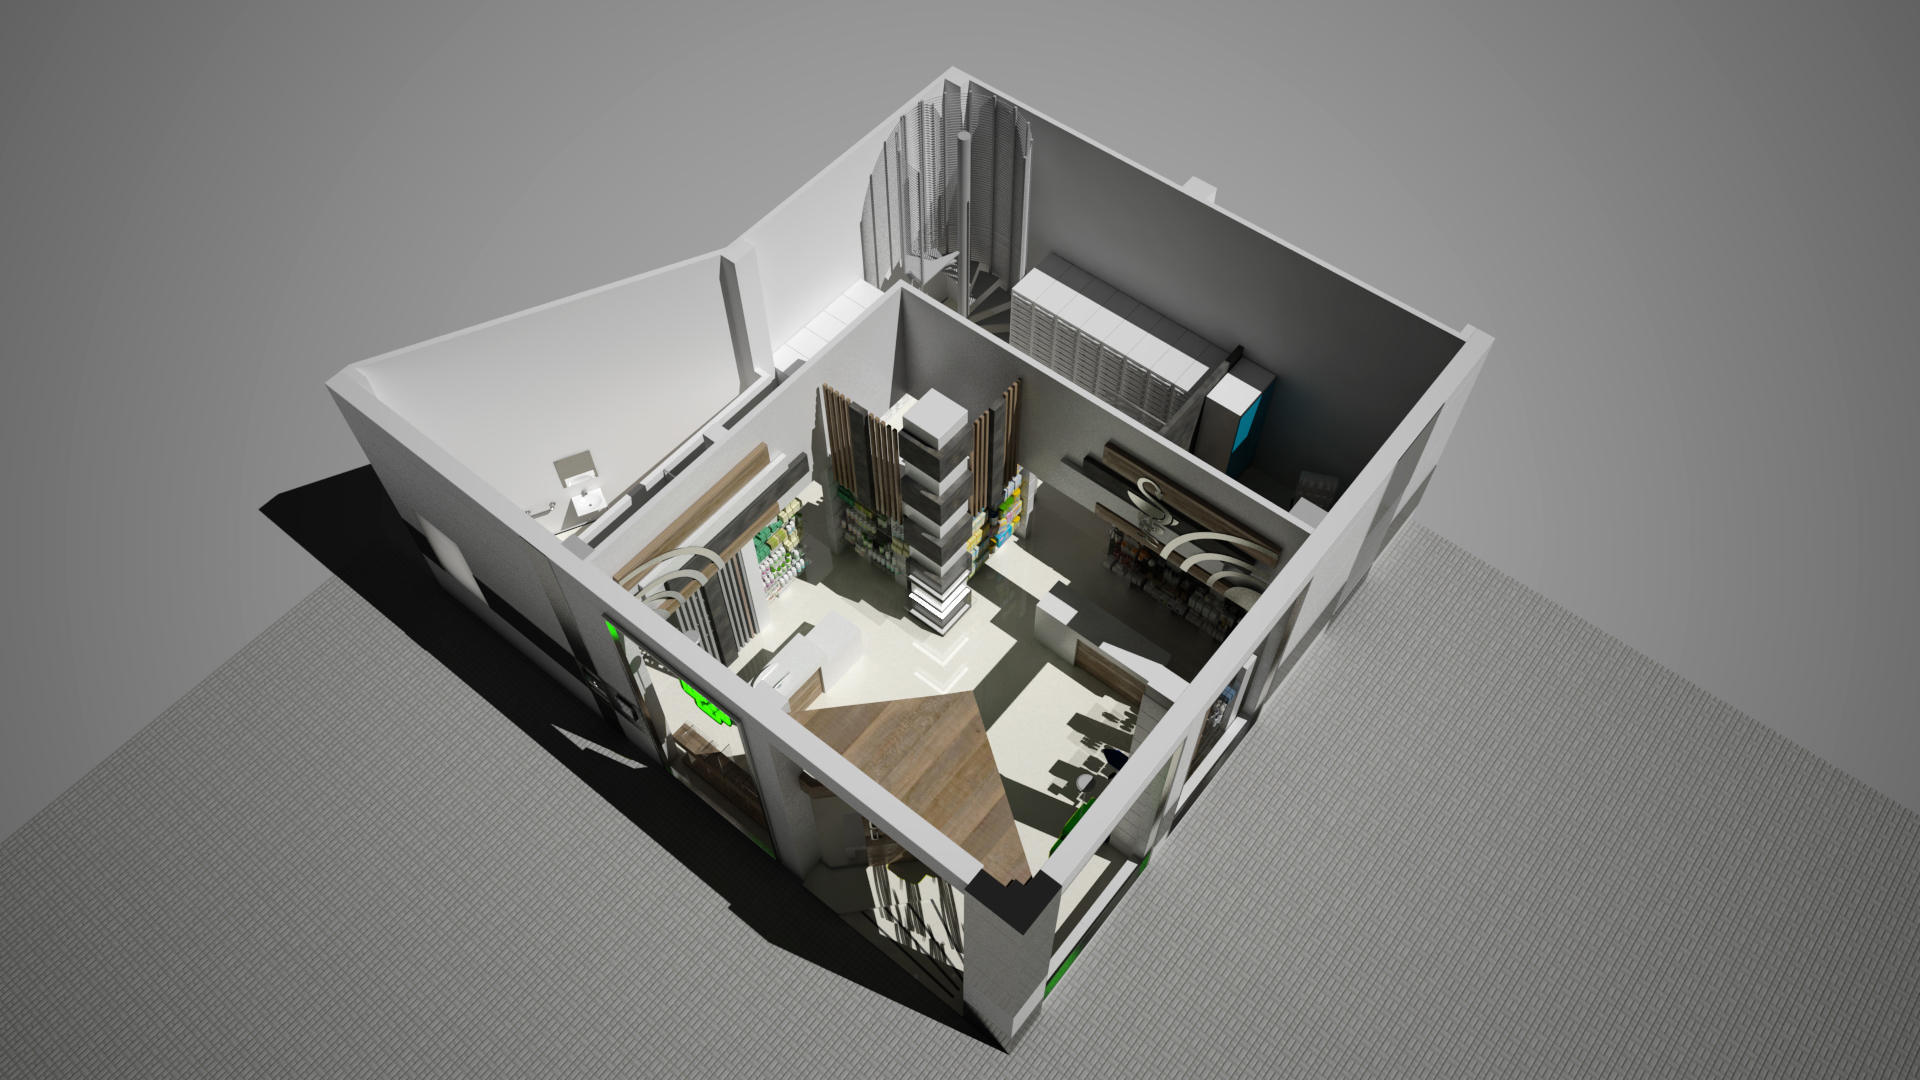 फार्मेसी के लिए वाणिज्यिक परिसर का डिजाइन 3d max vray 3.0 में प्रस्तुत छवि